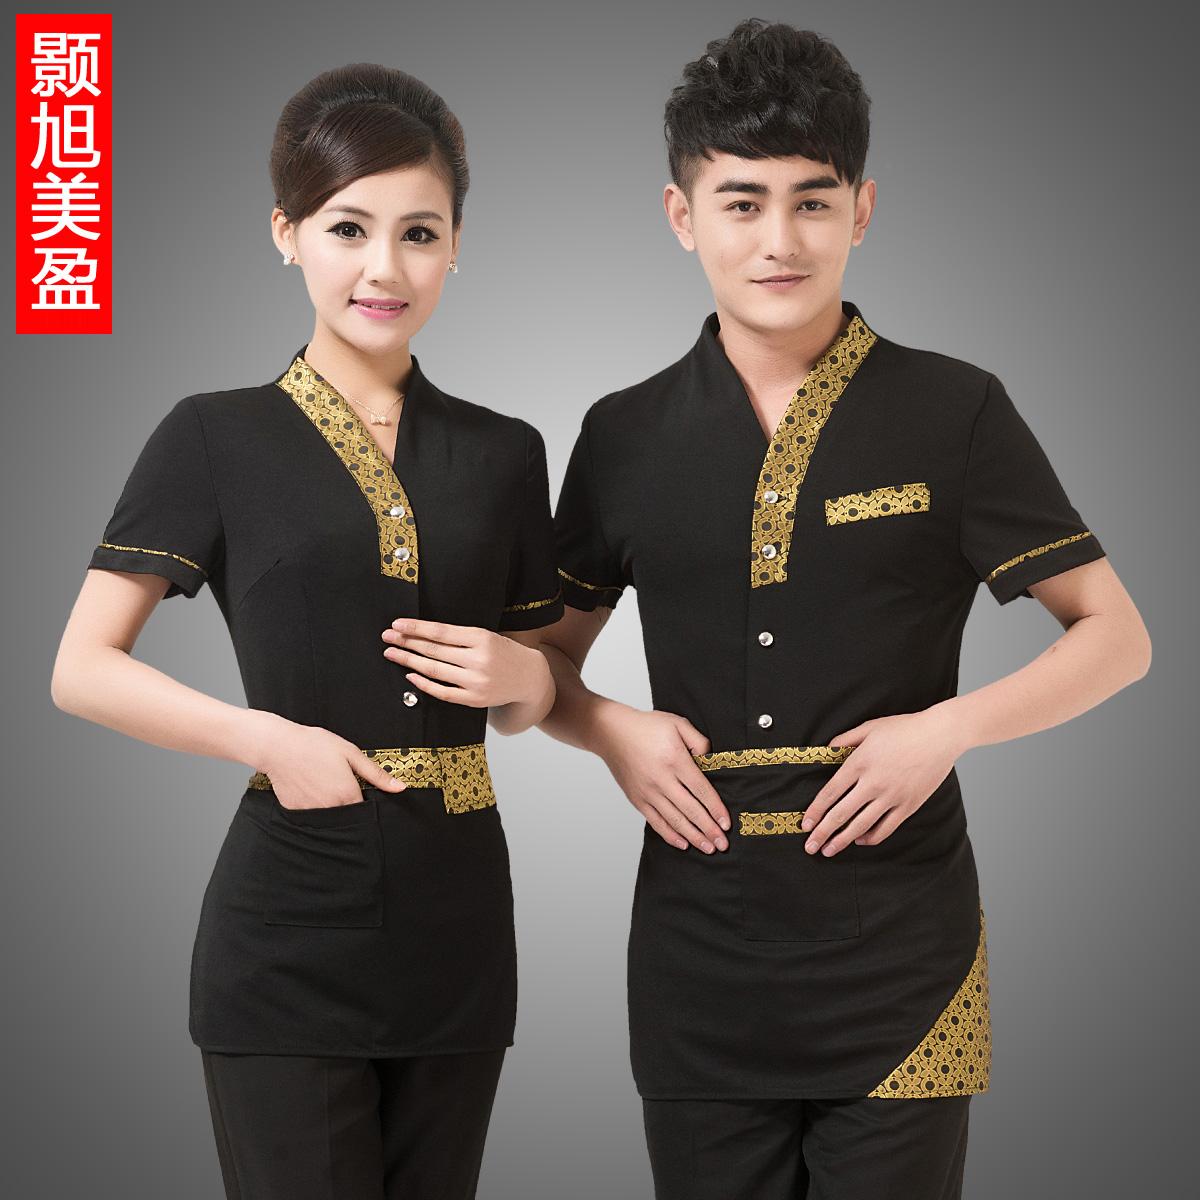 酒店工作服夏装女 西餐厅餐饮服务员制服 饭店传菜生服装短袖男黑